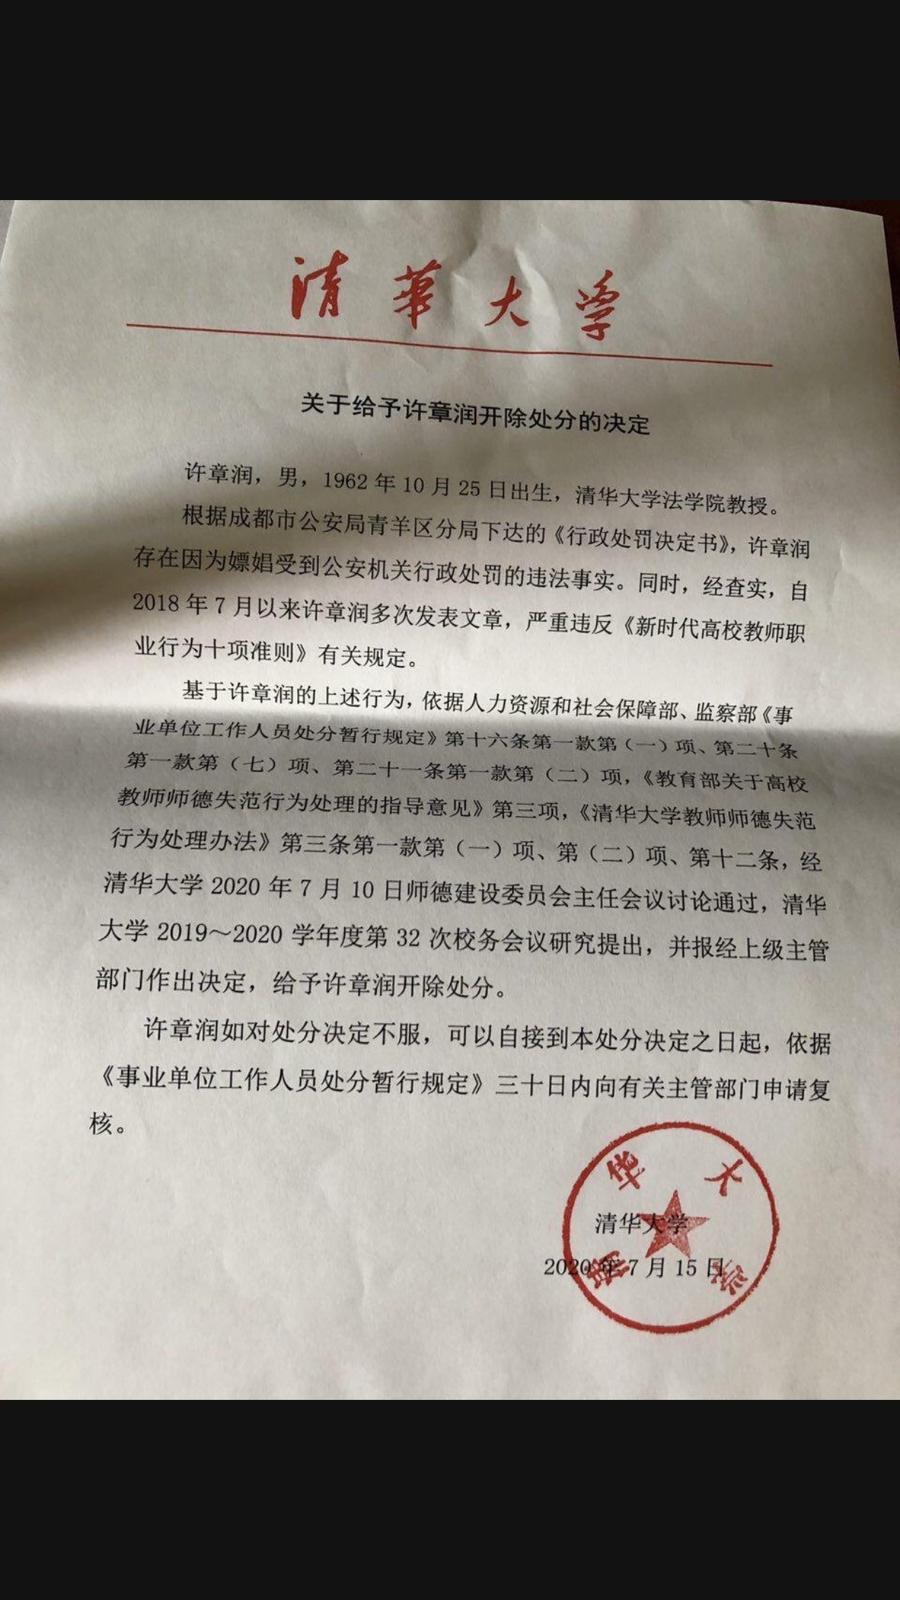 北京清华大学作出《关于给许章润开除处分的决定》。(许章润友人提供)